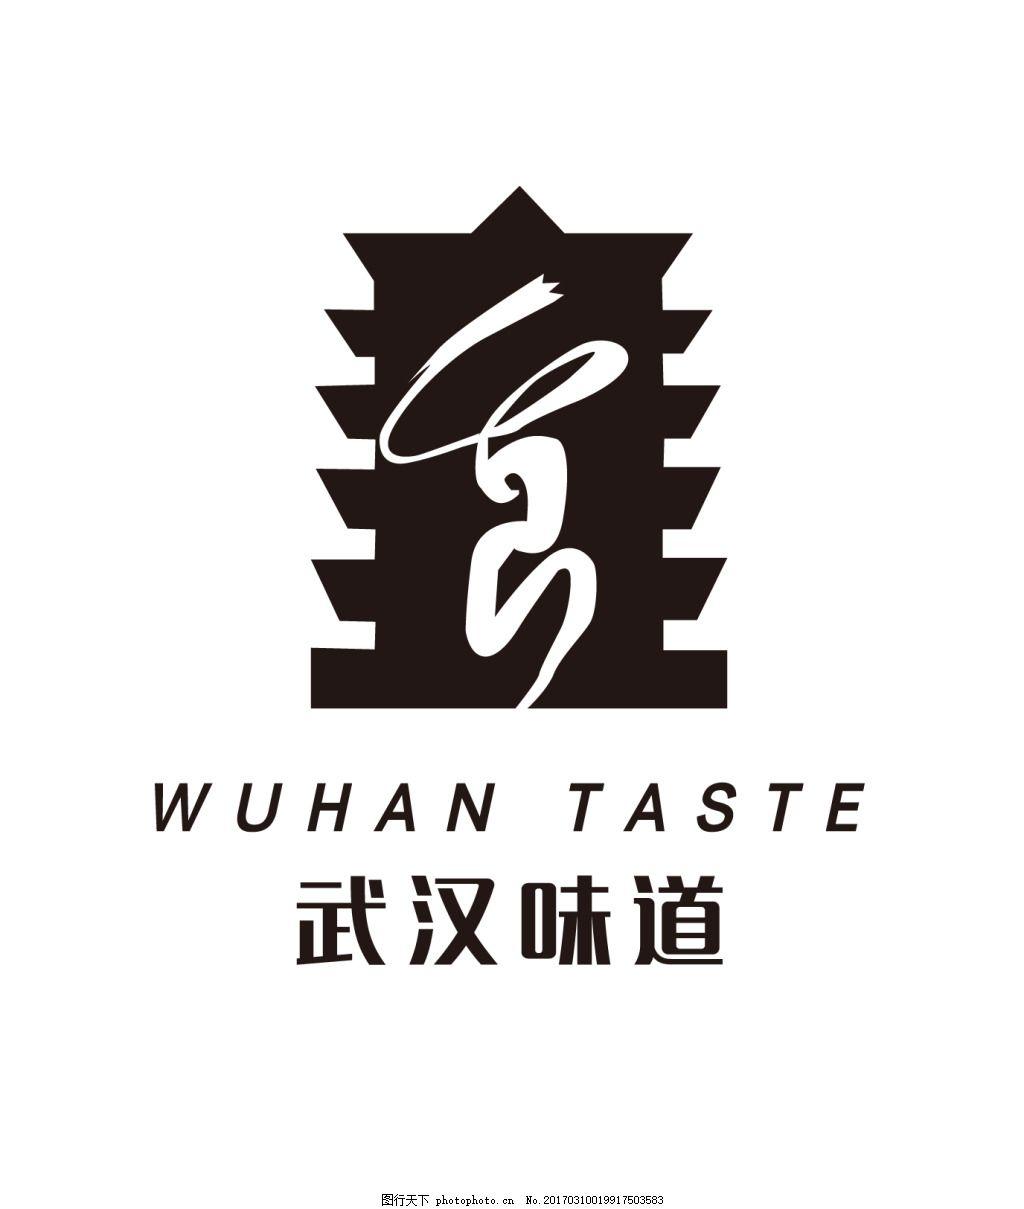 武汉味道食品饭店标志logo图片